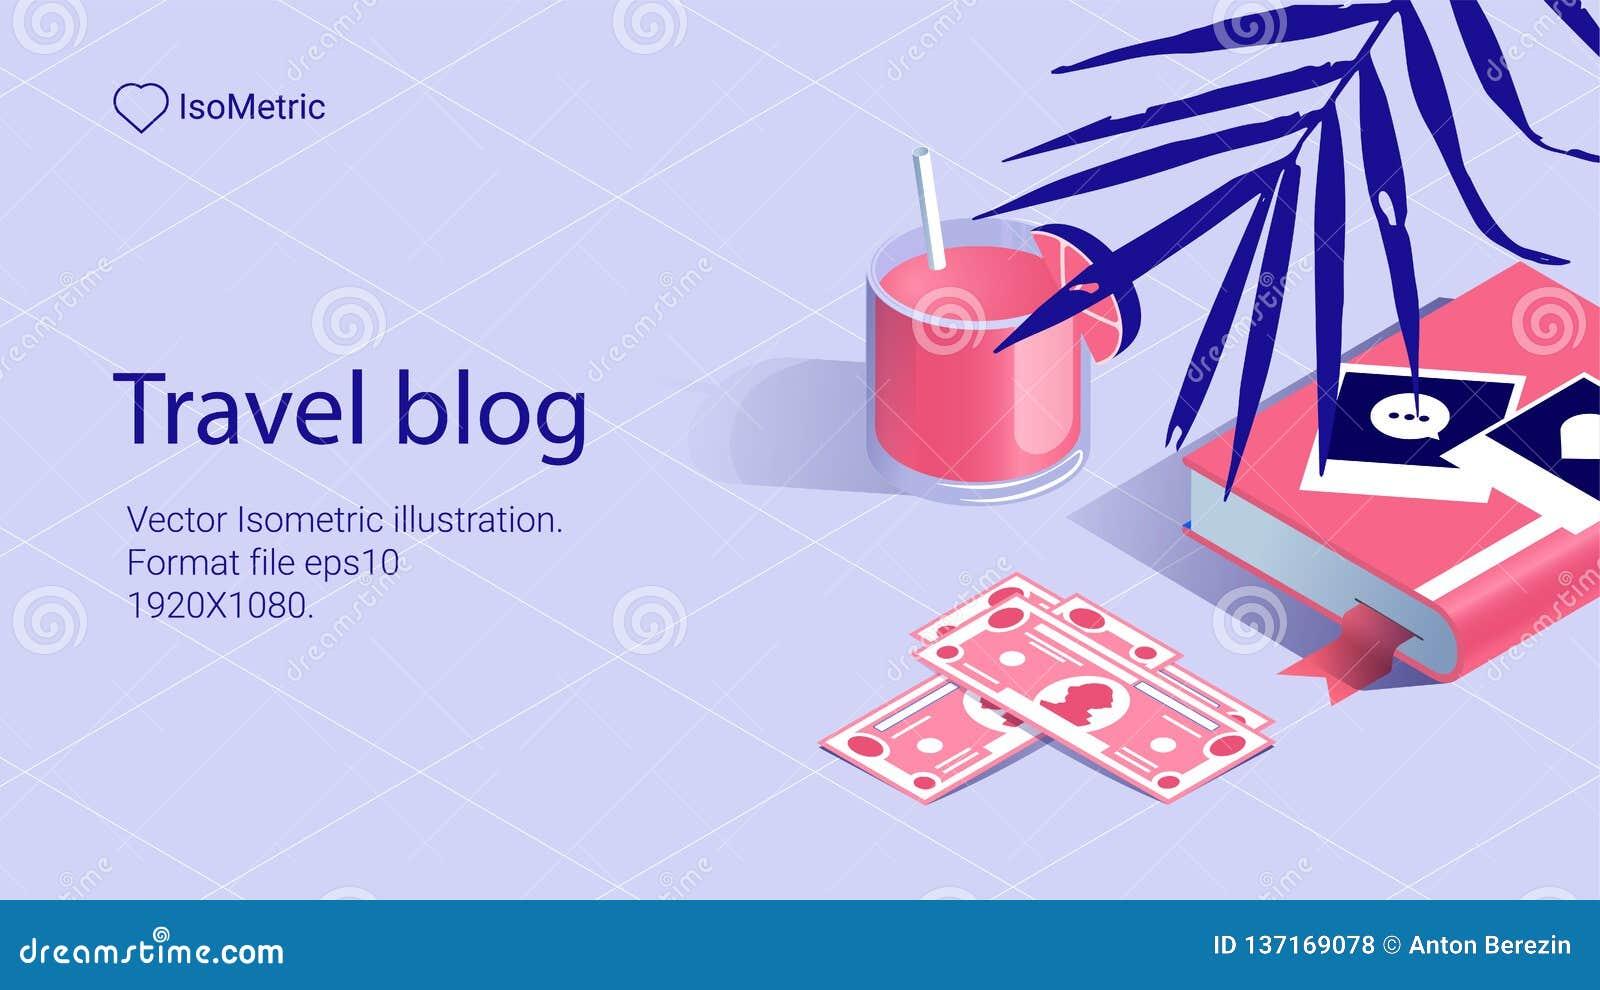 Illustration work tabel, Travel bloger, banners set